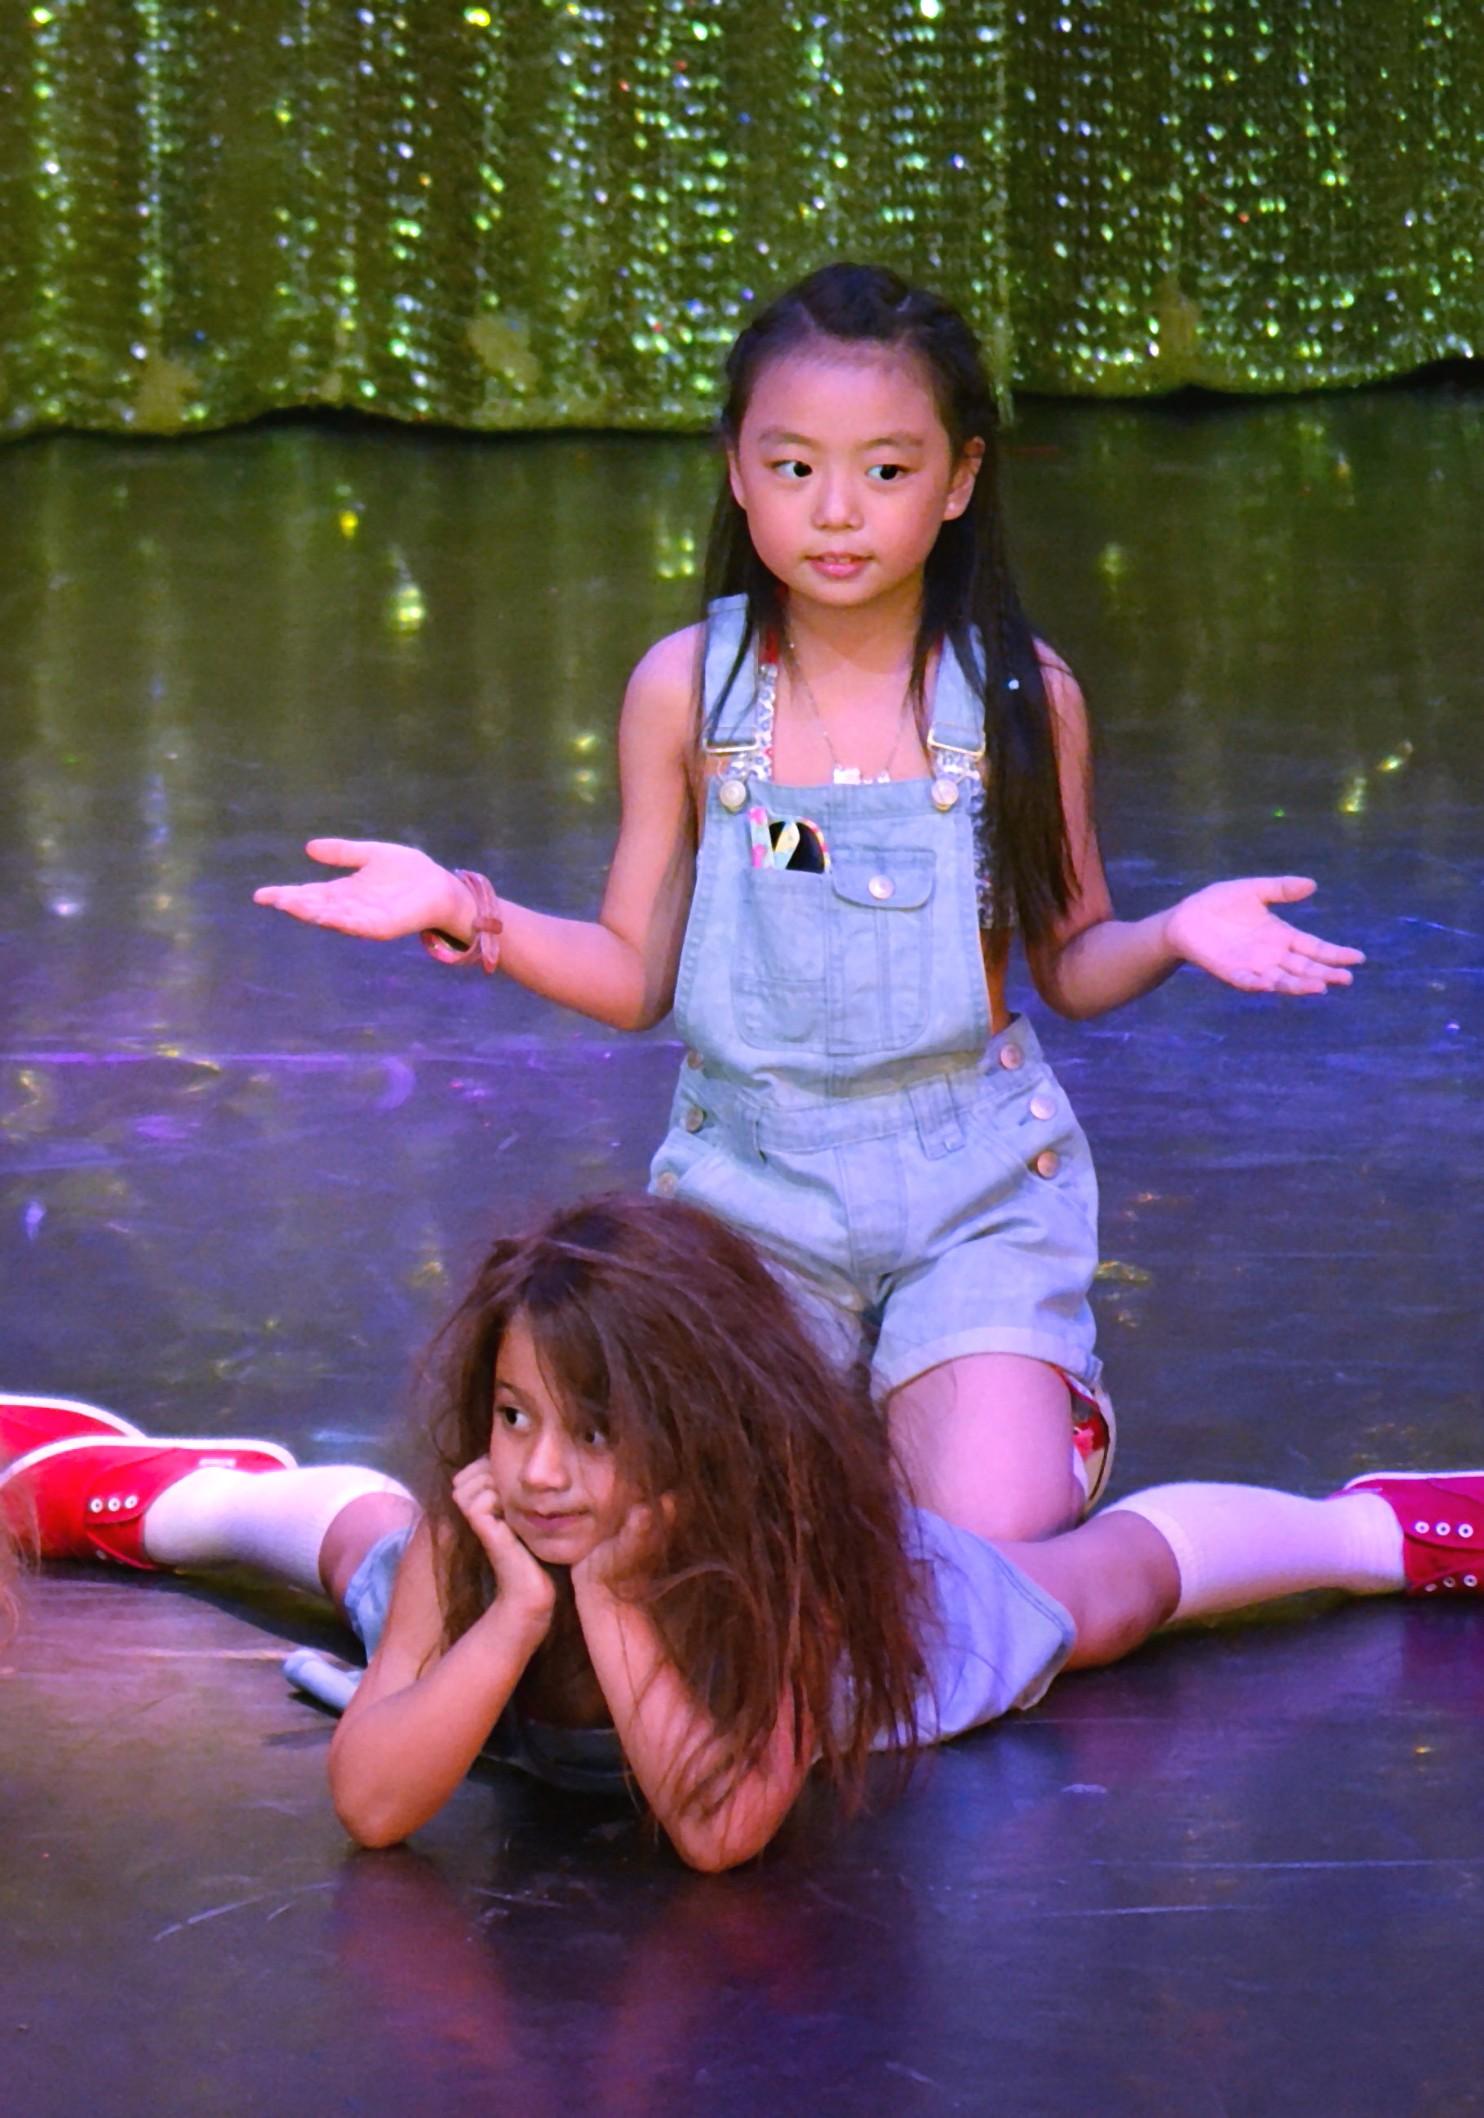 Linea-de-Baile-festival-verano-2015-clases-de-baile-valencia-25